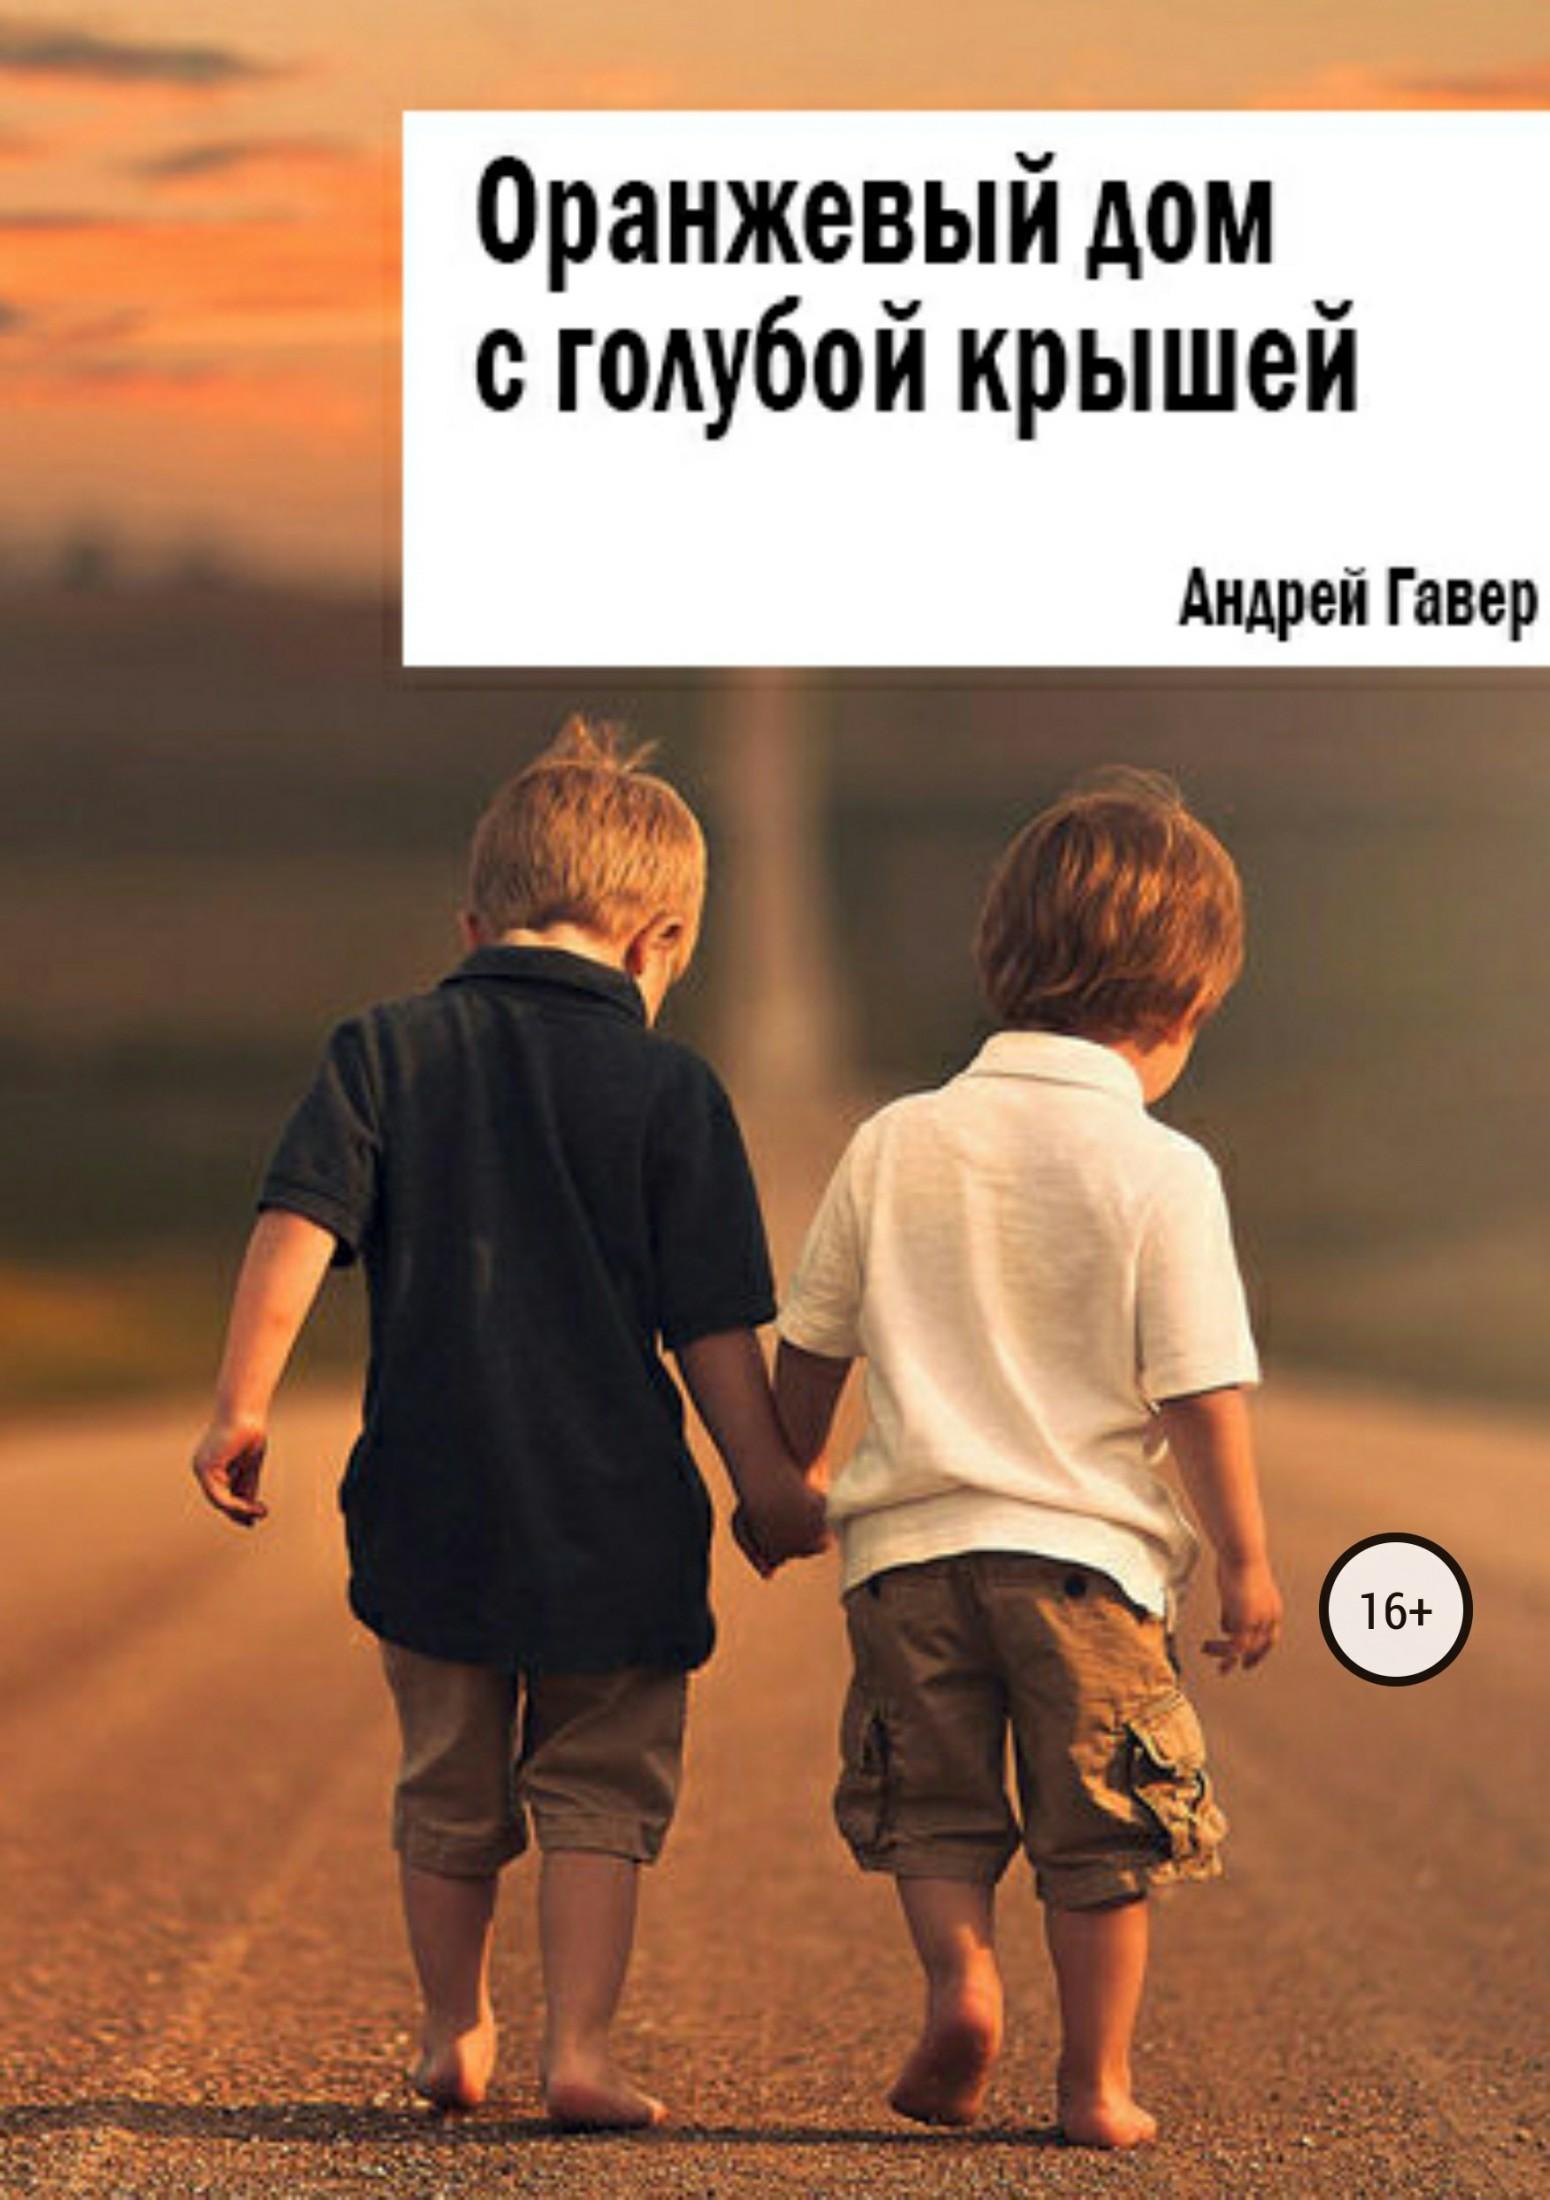 Андрей Михайлович Гавер бесплатно